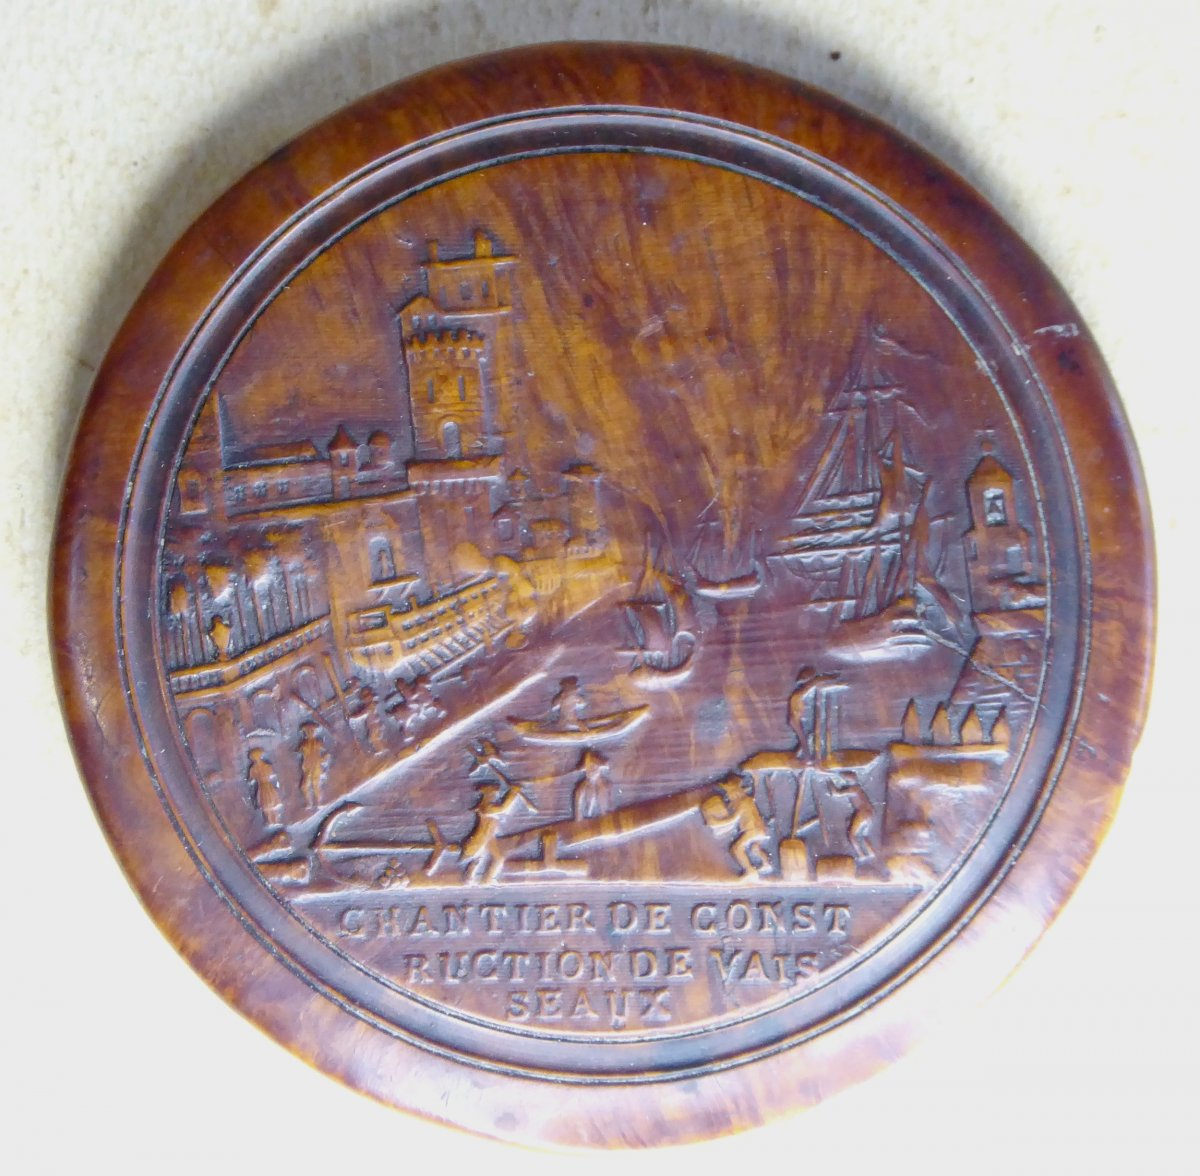 La Rochelle, fin XVIIIe, Tabatière du Chantier Naval, Bois compressé